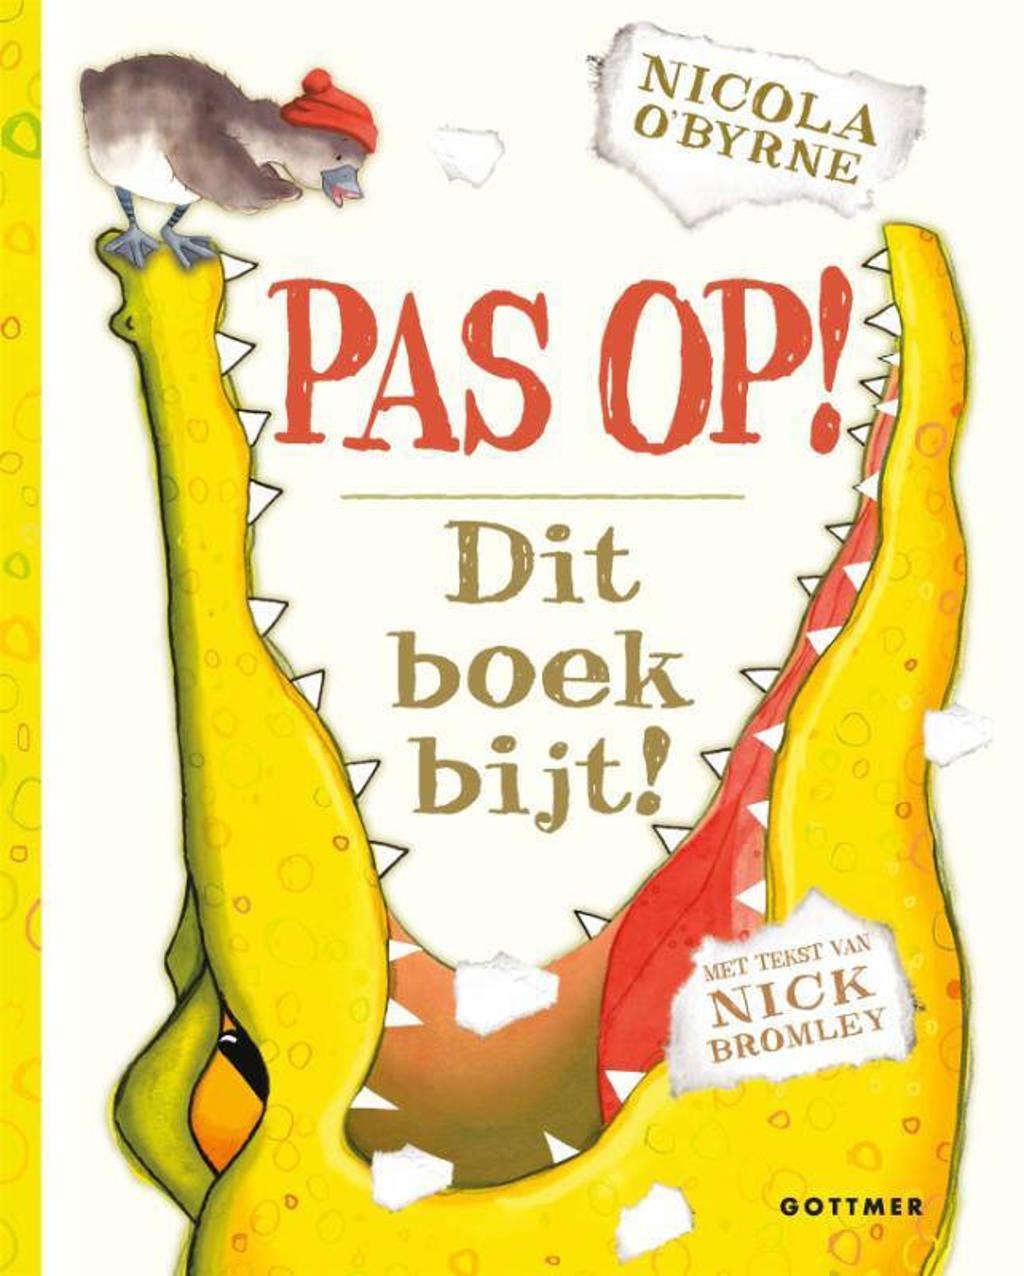 Pas op! Dit boek bijt! - Nicola O'Byrne en Nick Bromley